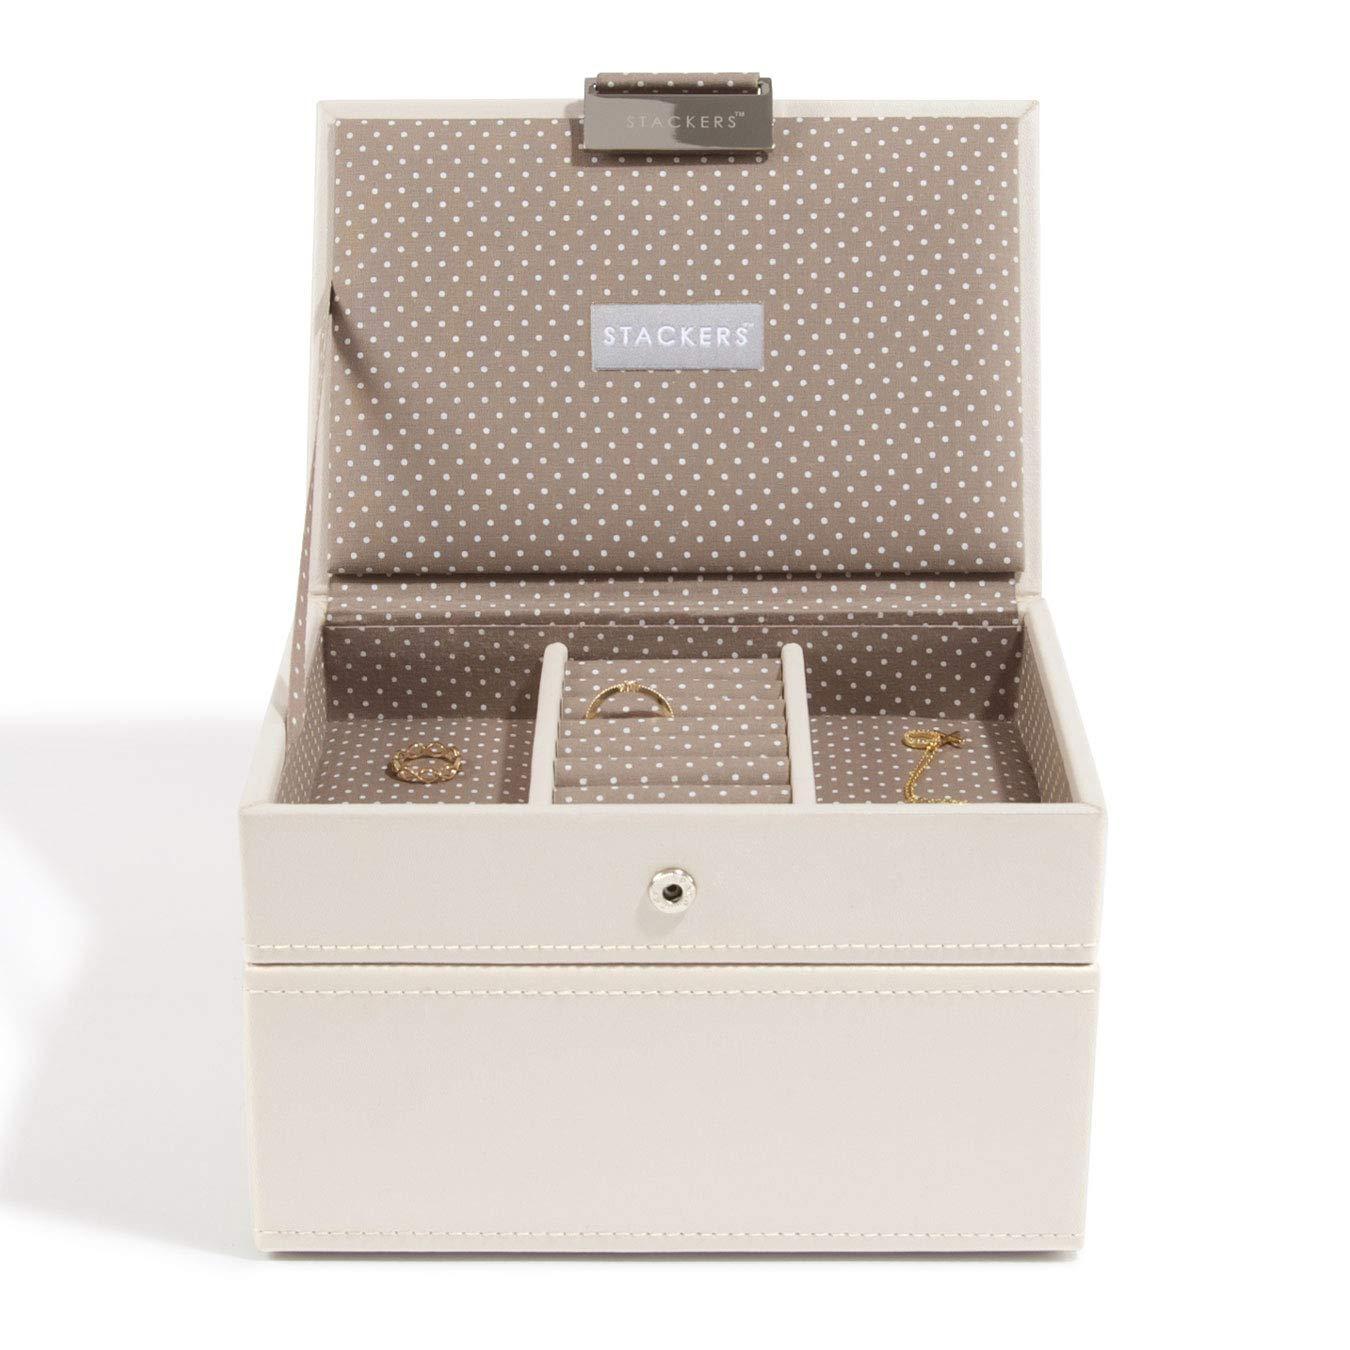 portagioie piccolo con 2 scomparti Cream Stackers